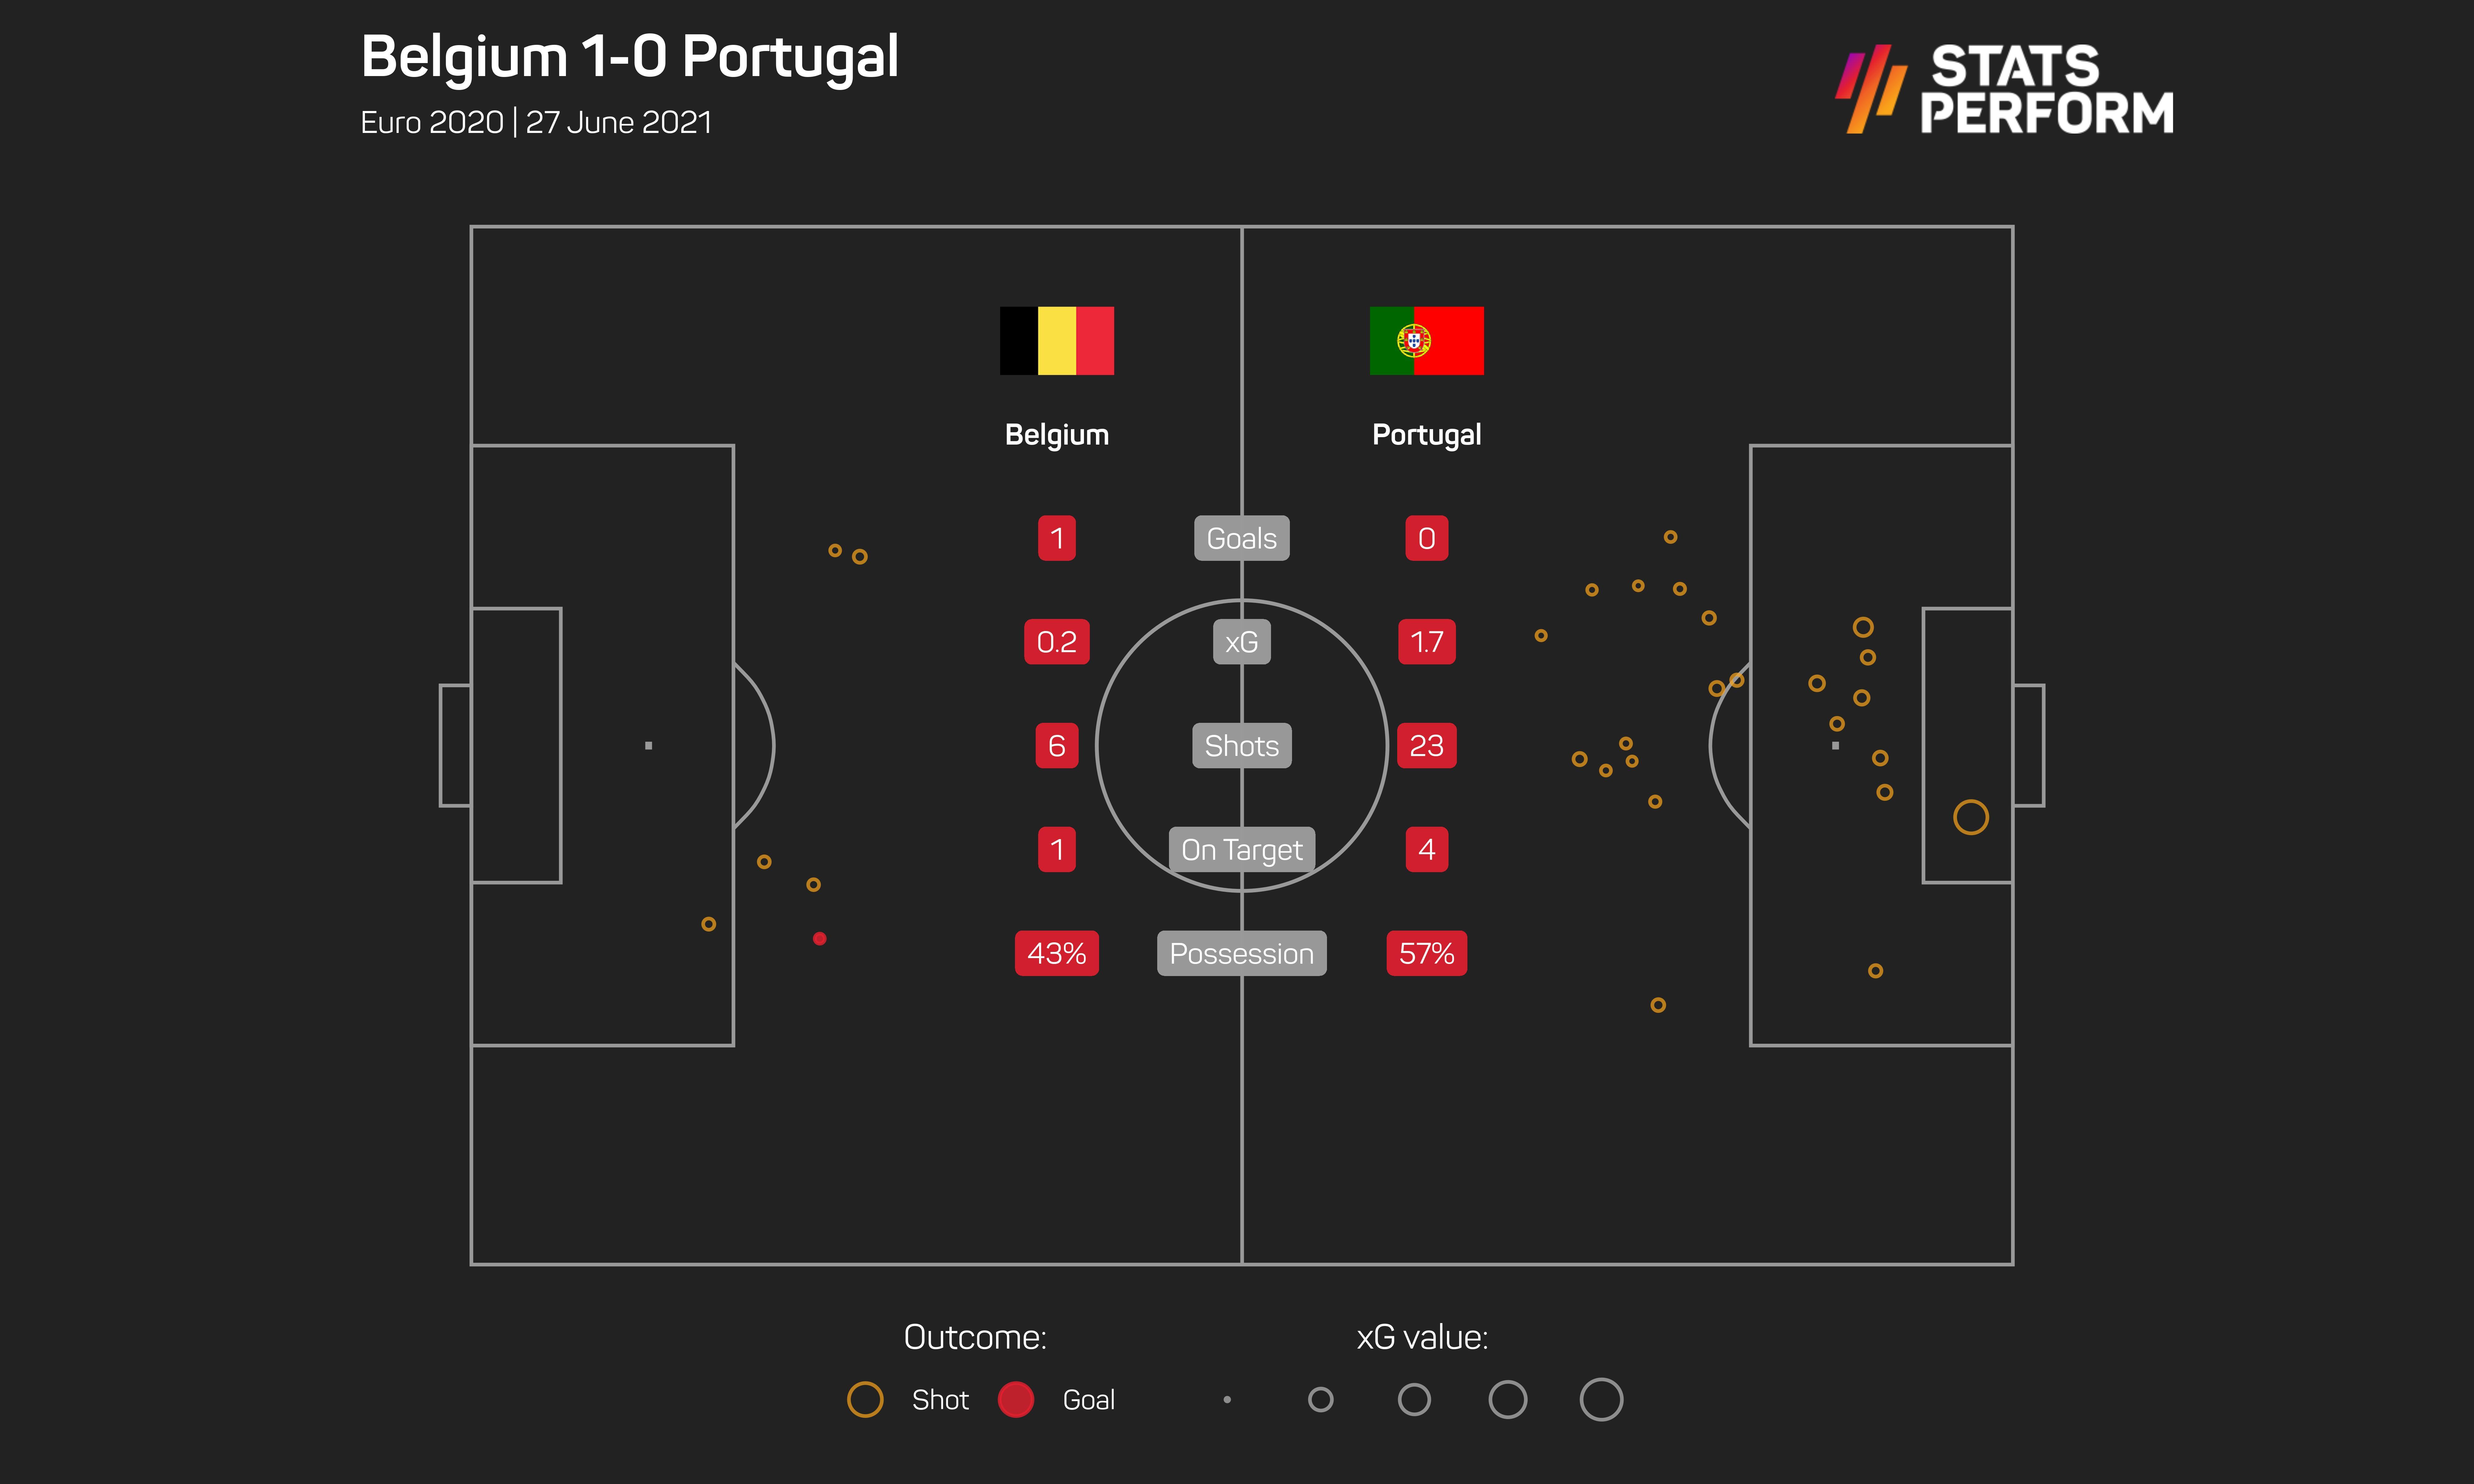 Belgium edge past Portugal